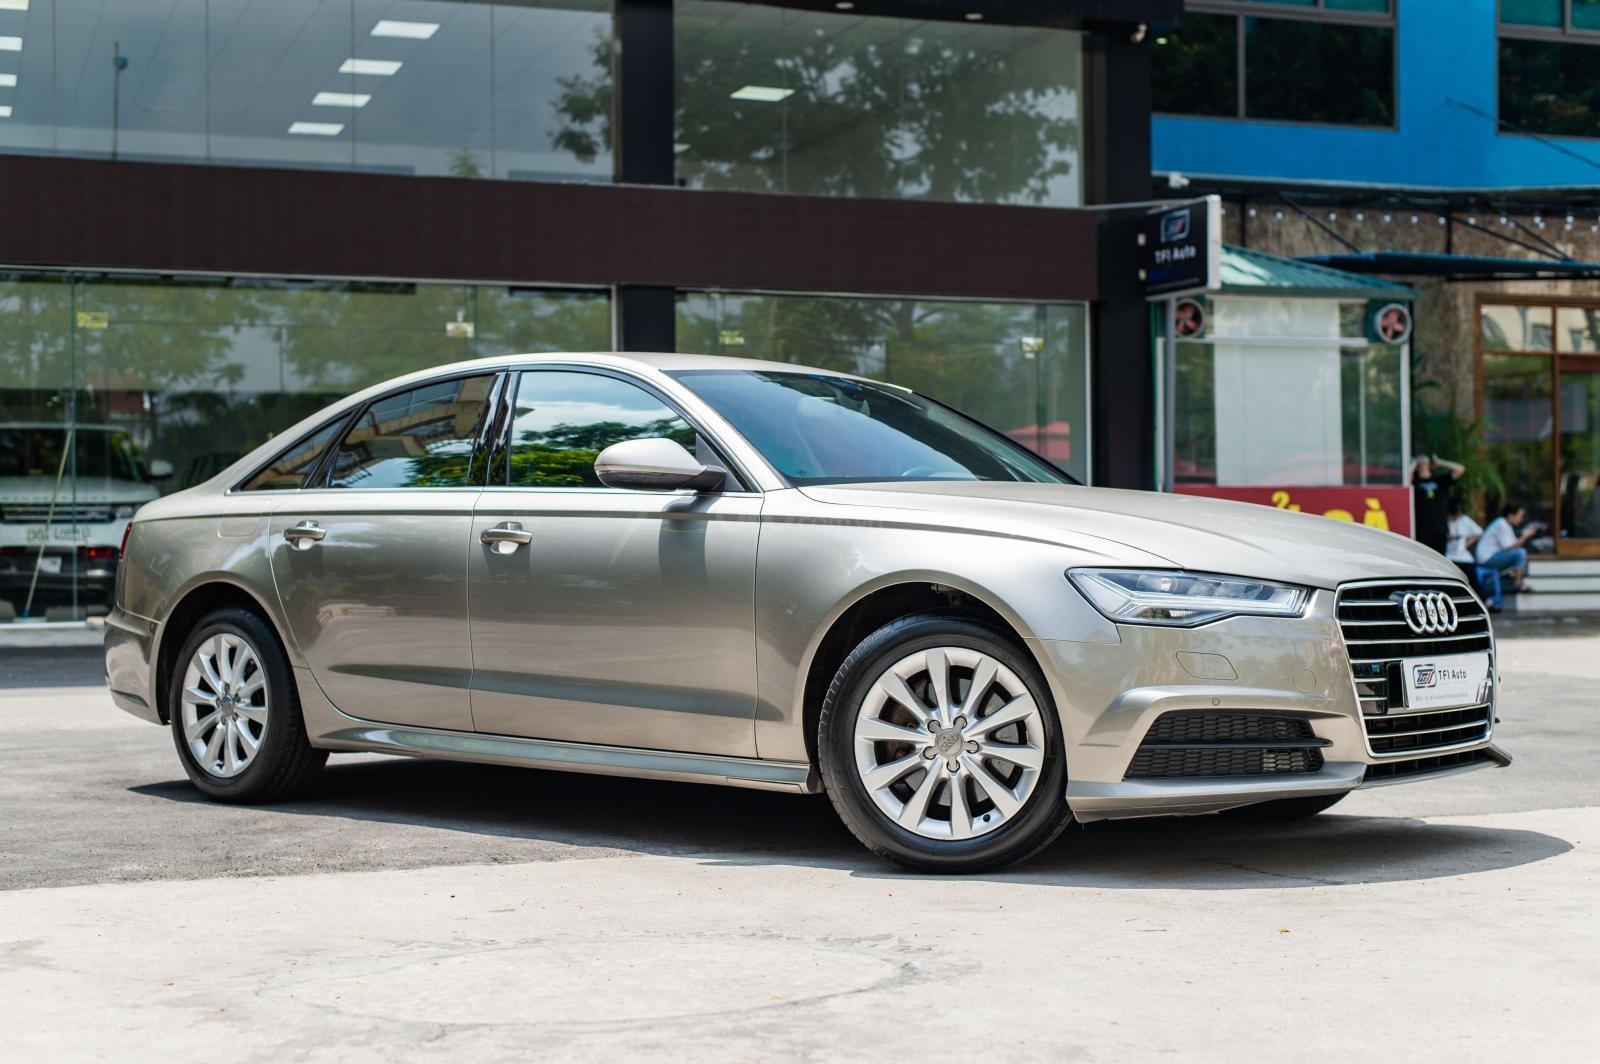 Cần bán xe Audi A6 1.8 TFSI sản xuất 2016, đăng kí 2017, biển Hà Nội (6)